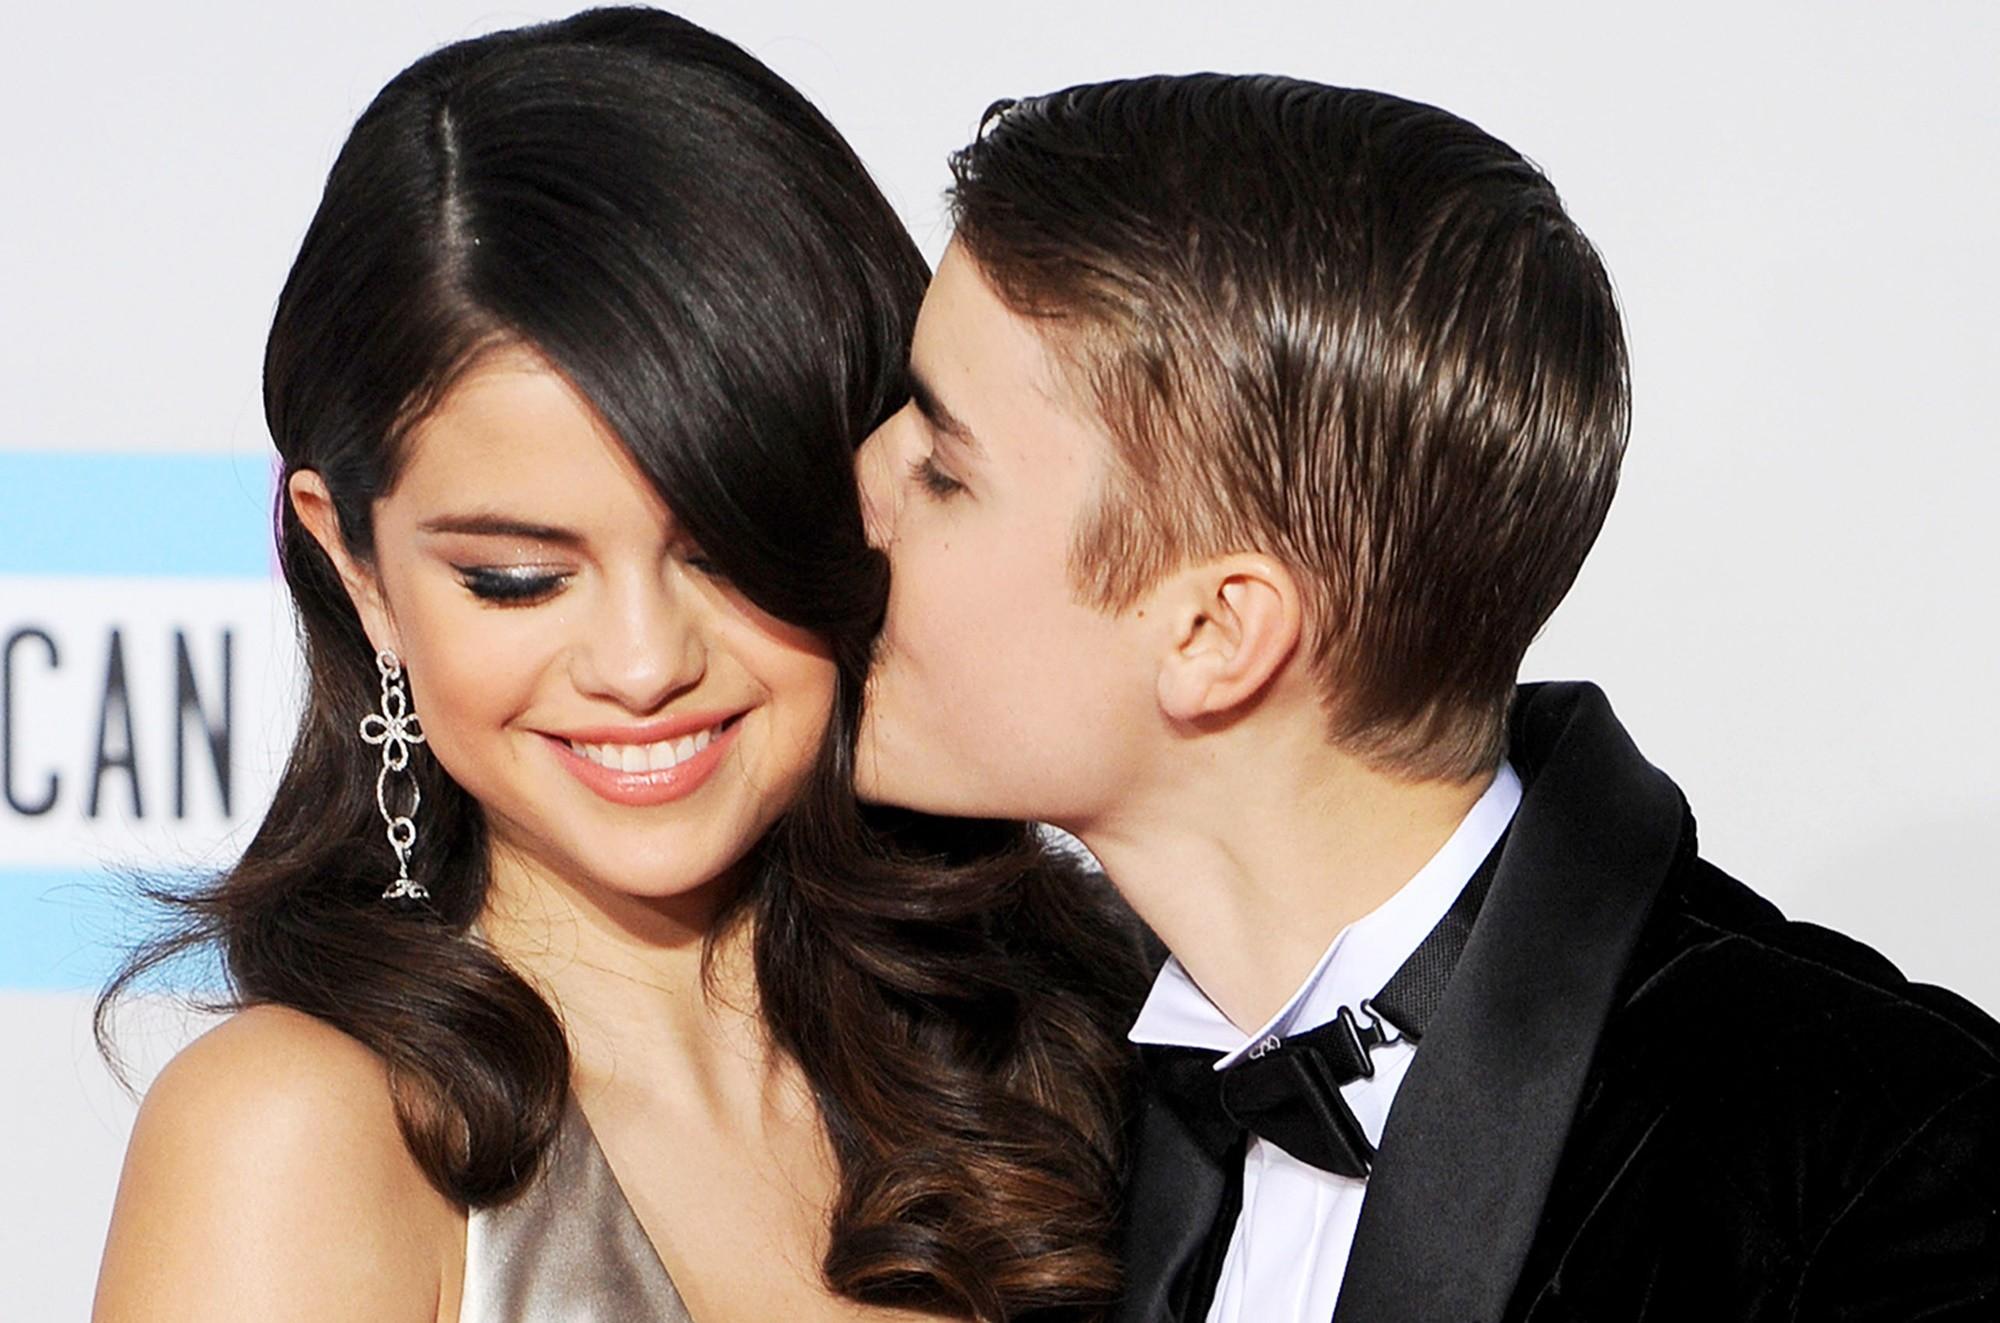 Selena Gomez phản ứng bất ngờ trước lời thừa nhận của Justin Bieber, nhắc đến cuộc hôn nhân giữa anh và Hailey - Ảnh 1.